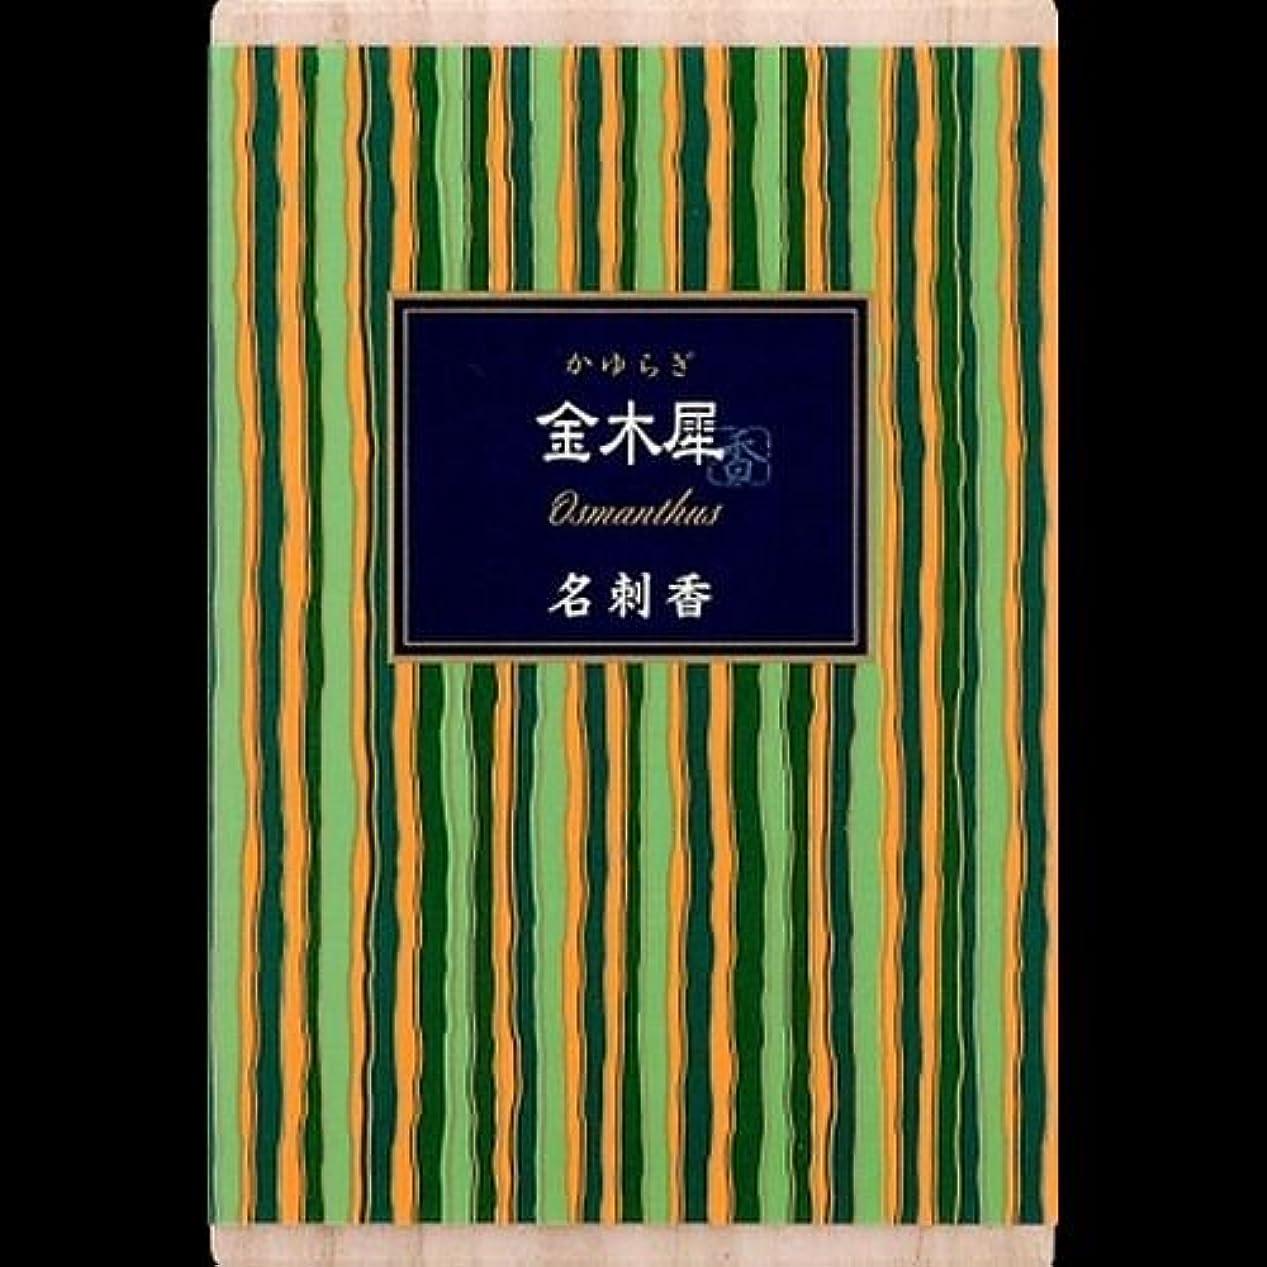 とティームバーチャル穀物【まとめ買い】かゆらぎ 金木犀 名刺香 桐箱 6入 ×2セット